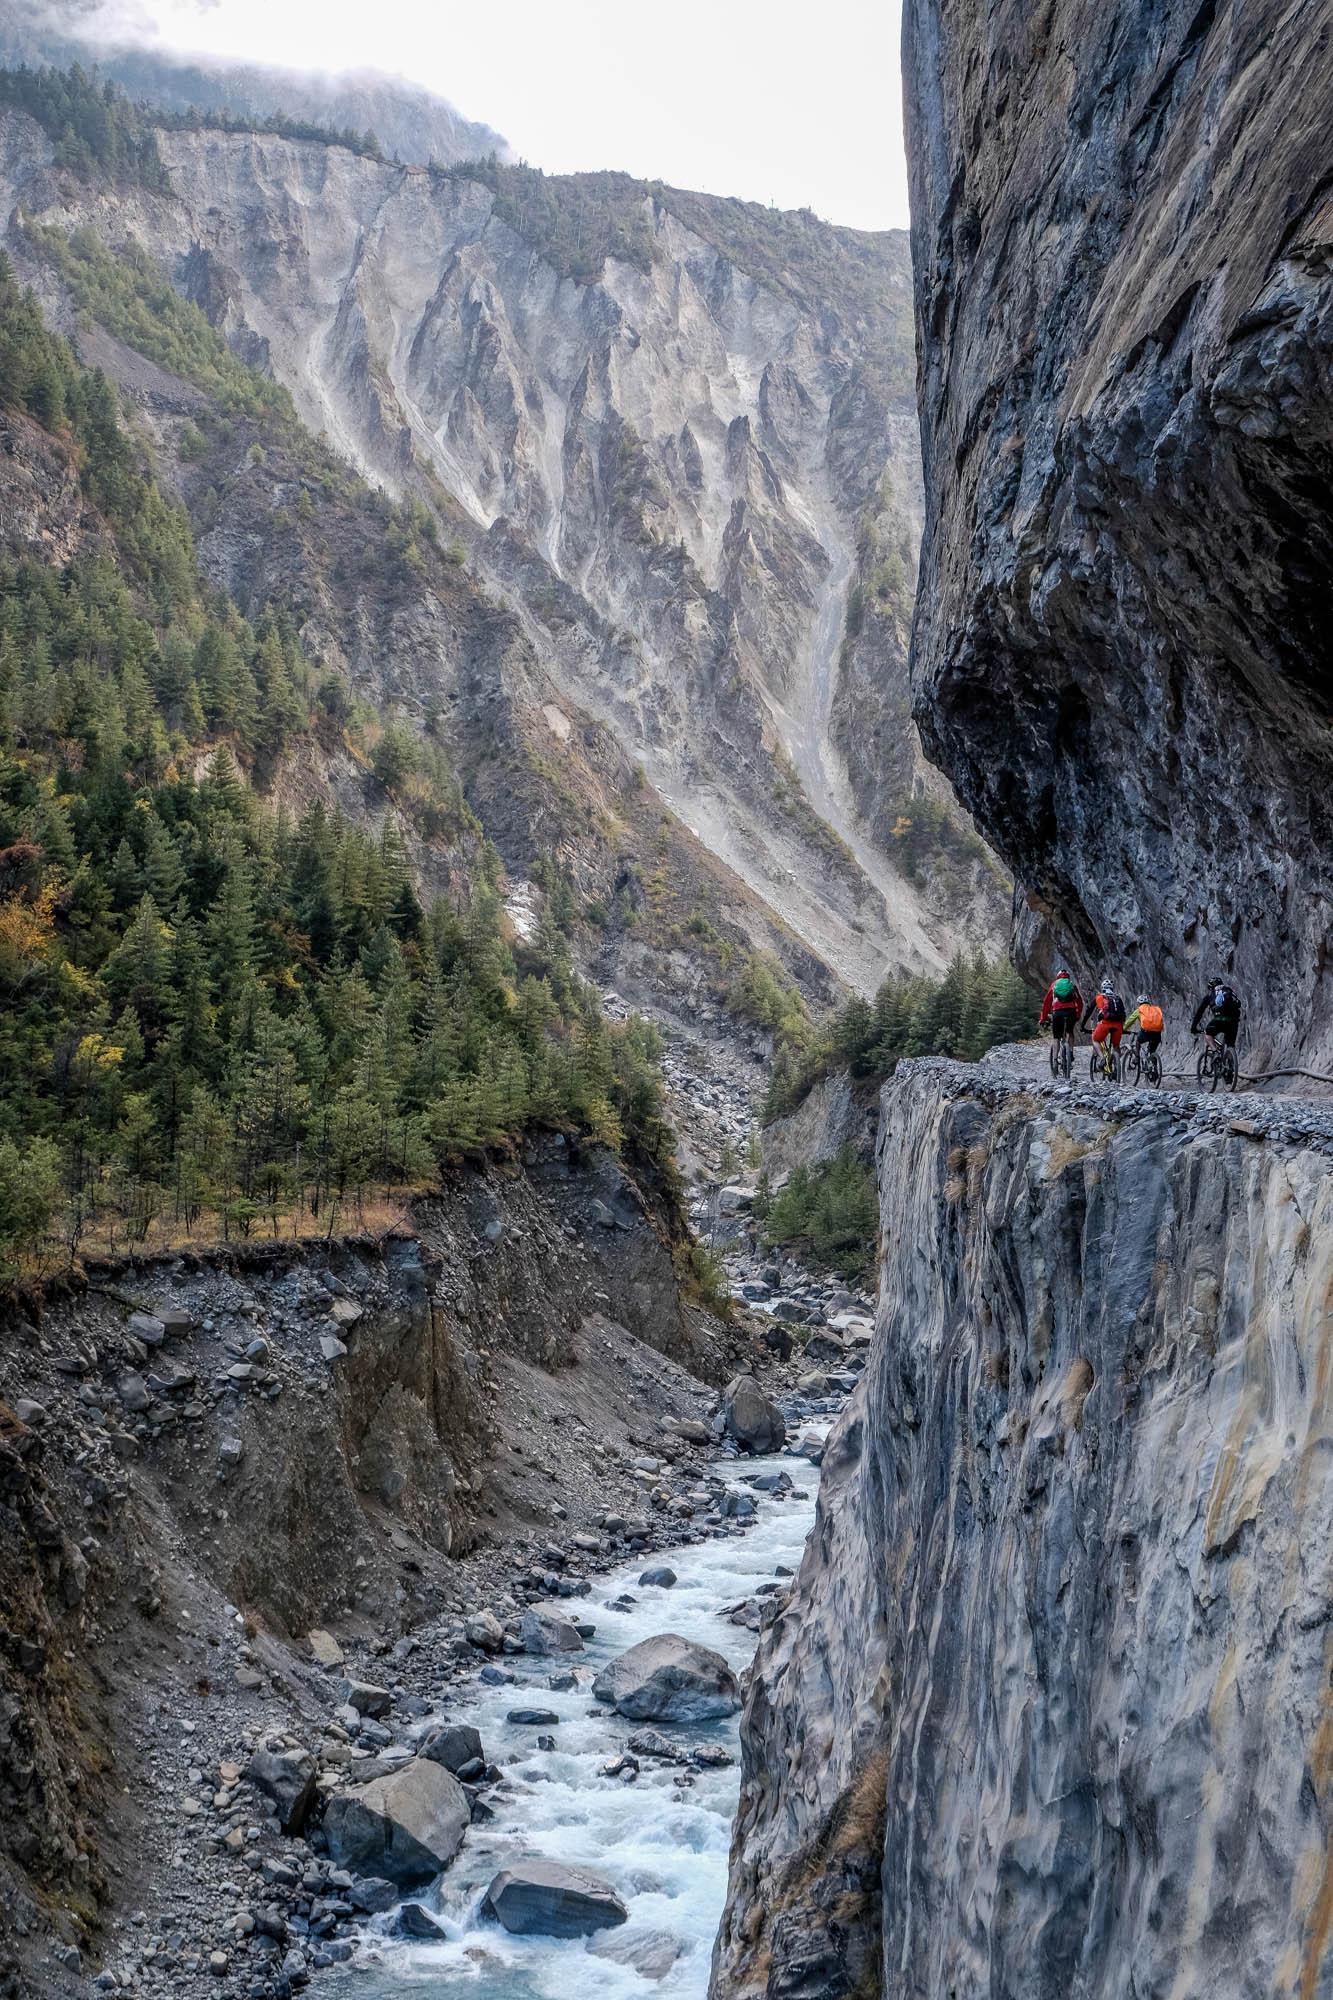 Vier Mountainbiker fahren auf einem Weg an einem senkrechten Abgrund